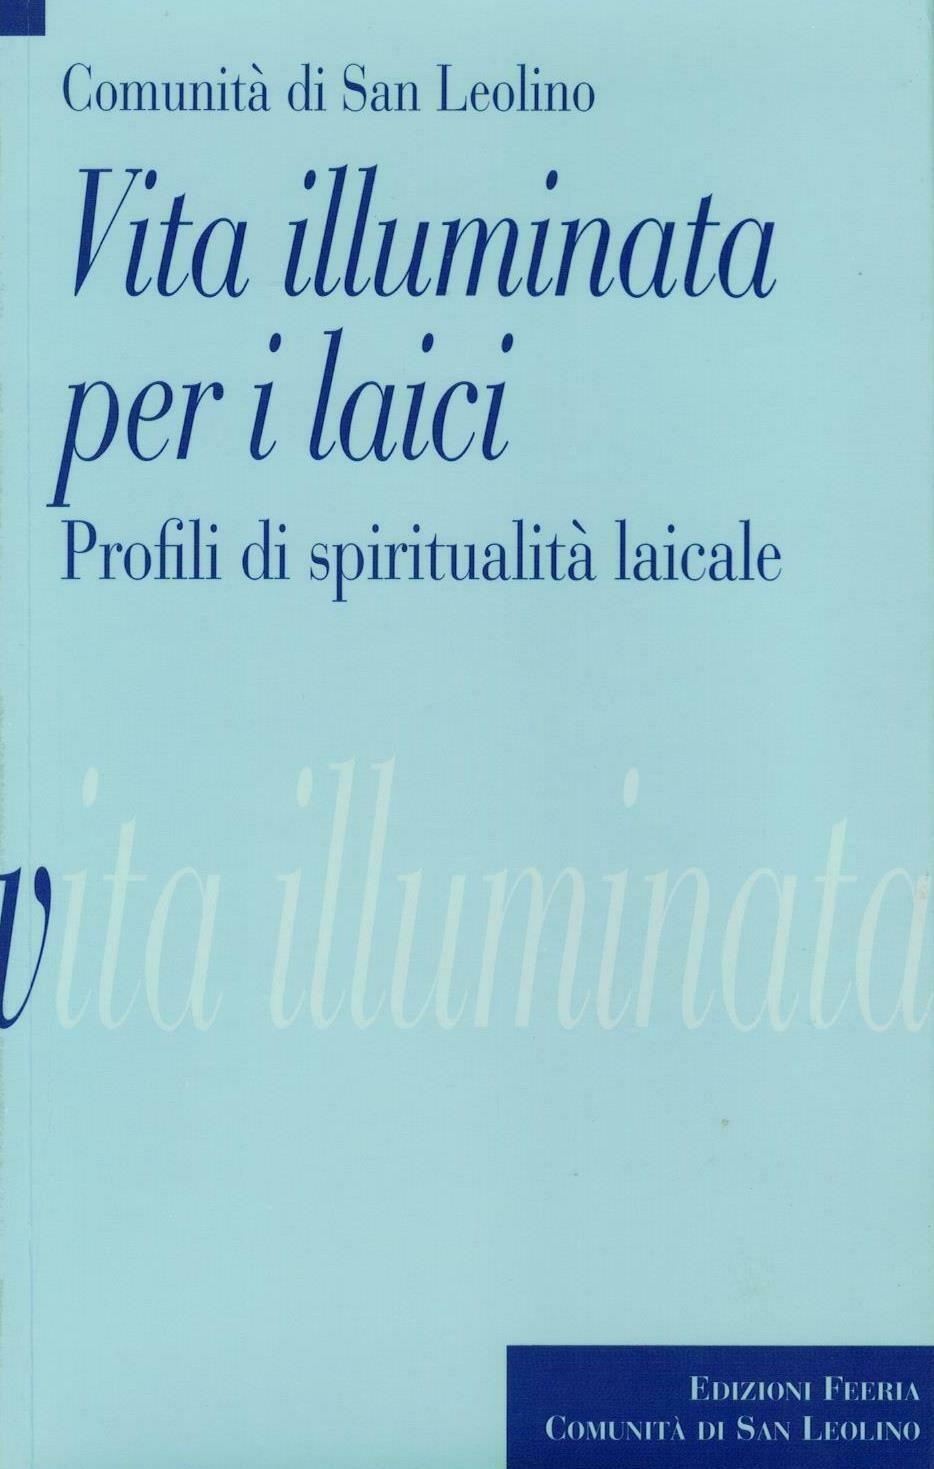 Vita illuminata per i laici - Profili di spiritualità laicale (Comunità di San Leolino)